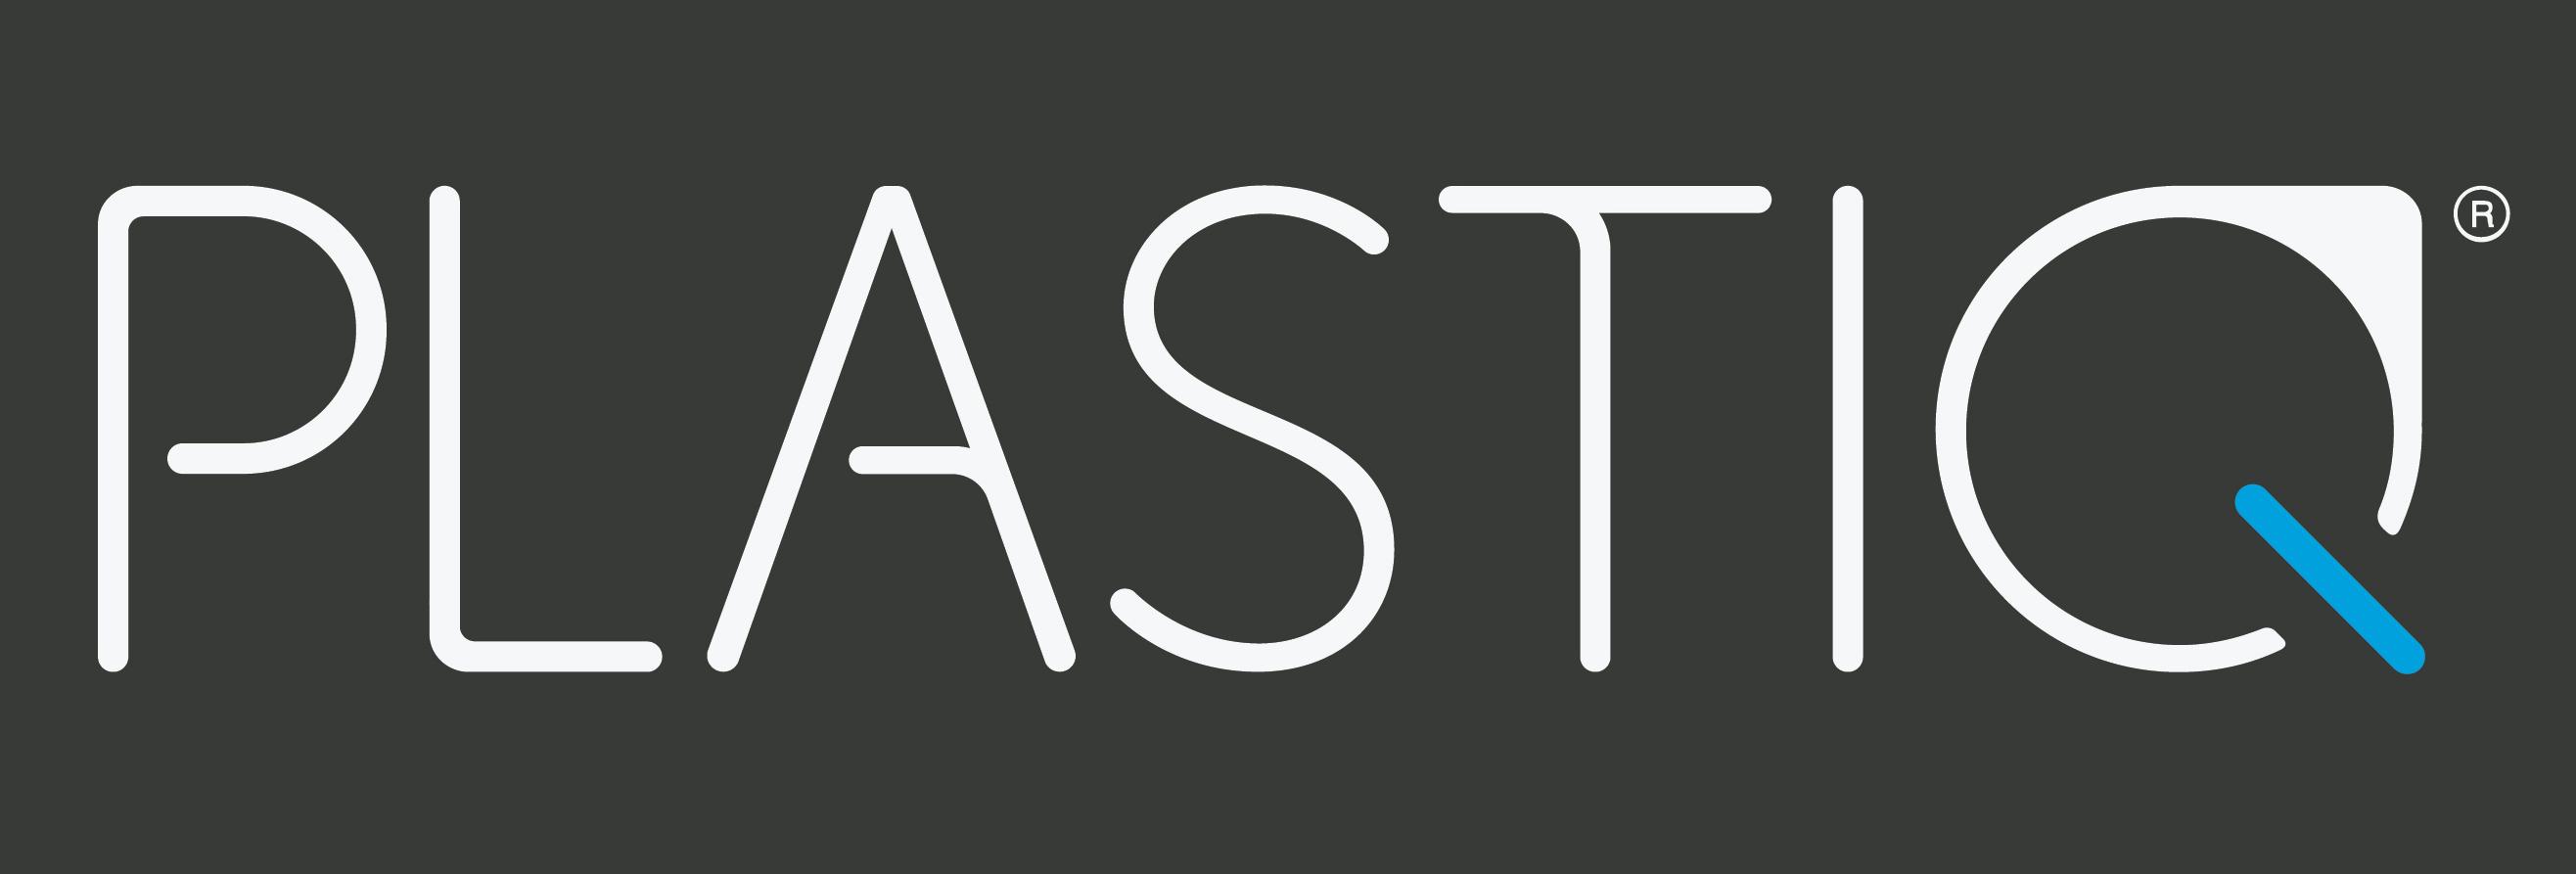 Plastiq logo